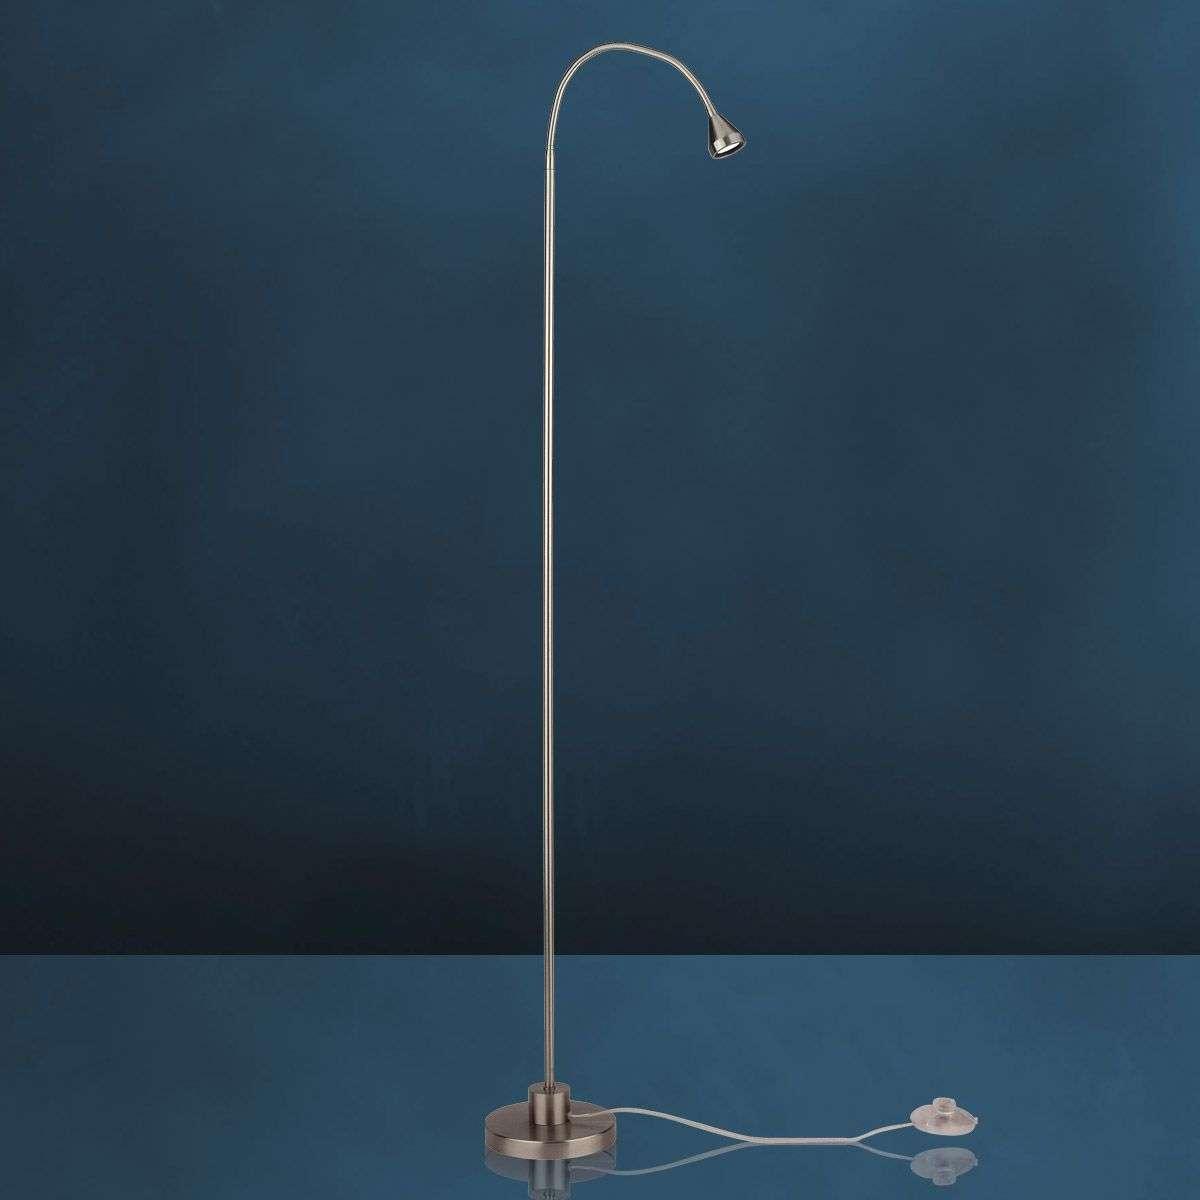 Modern led floor lamp mini lights modern led floor lamp mini cool white 1524041 31 aloadofball Image collections